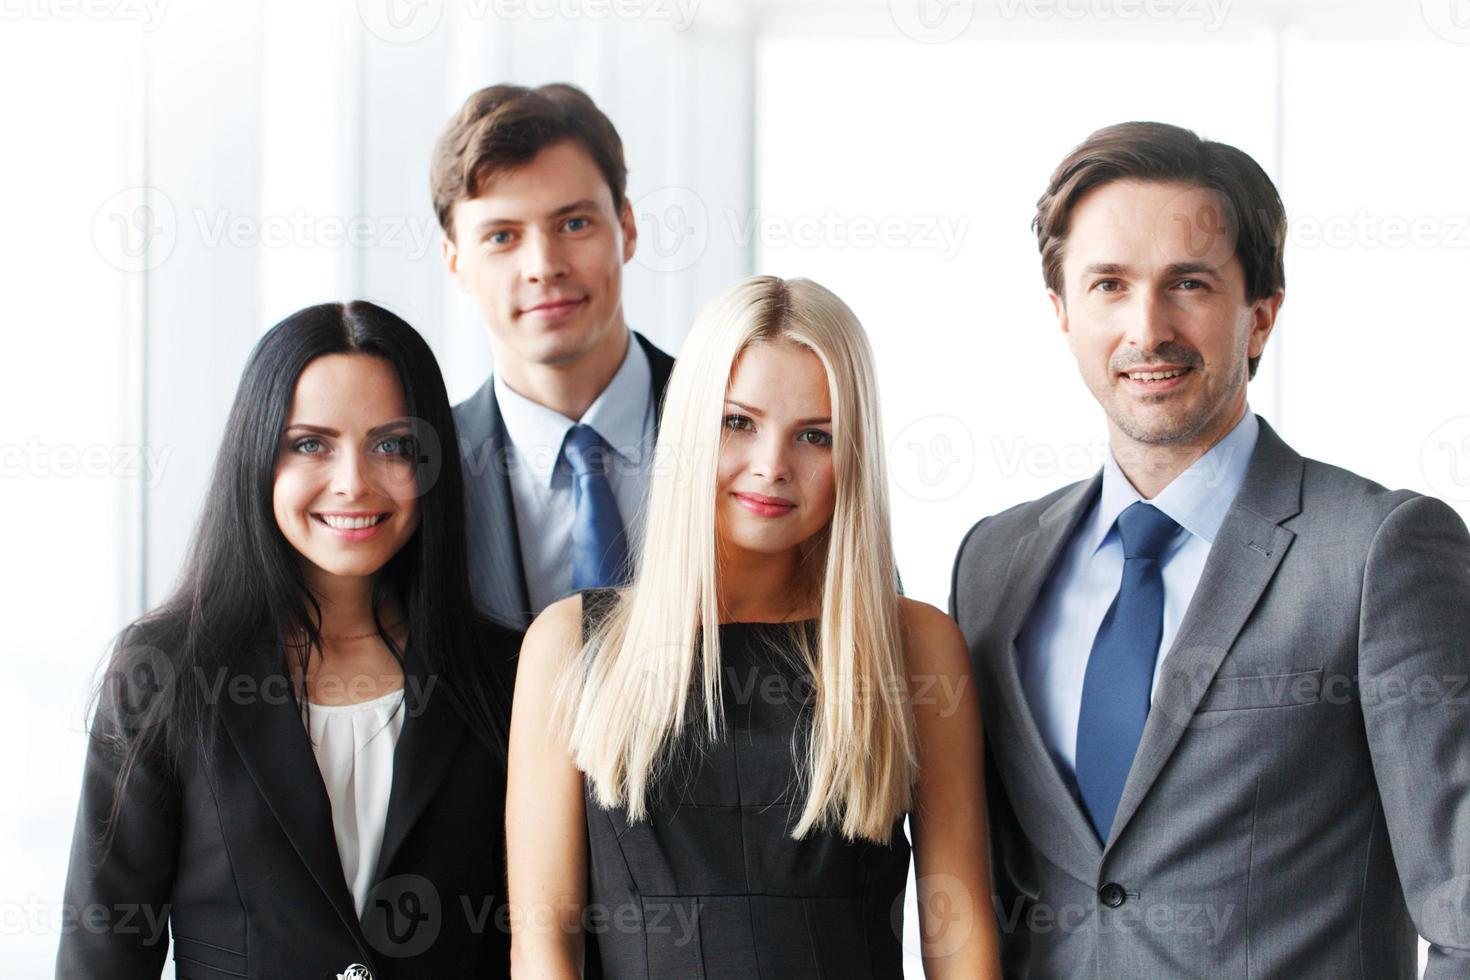 retrato de equipe de negócios foto